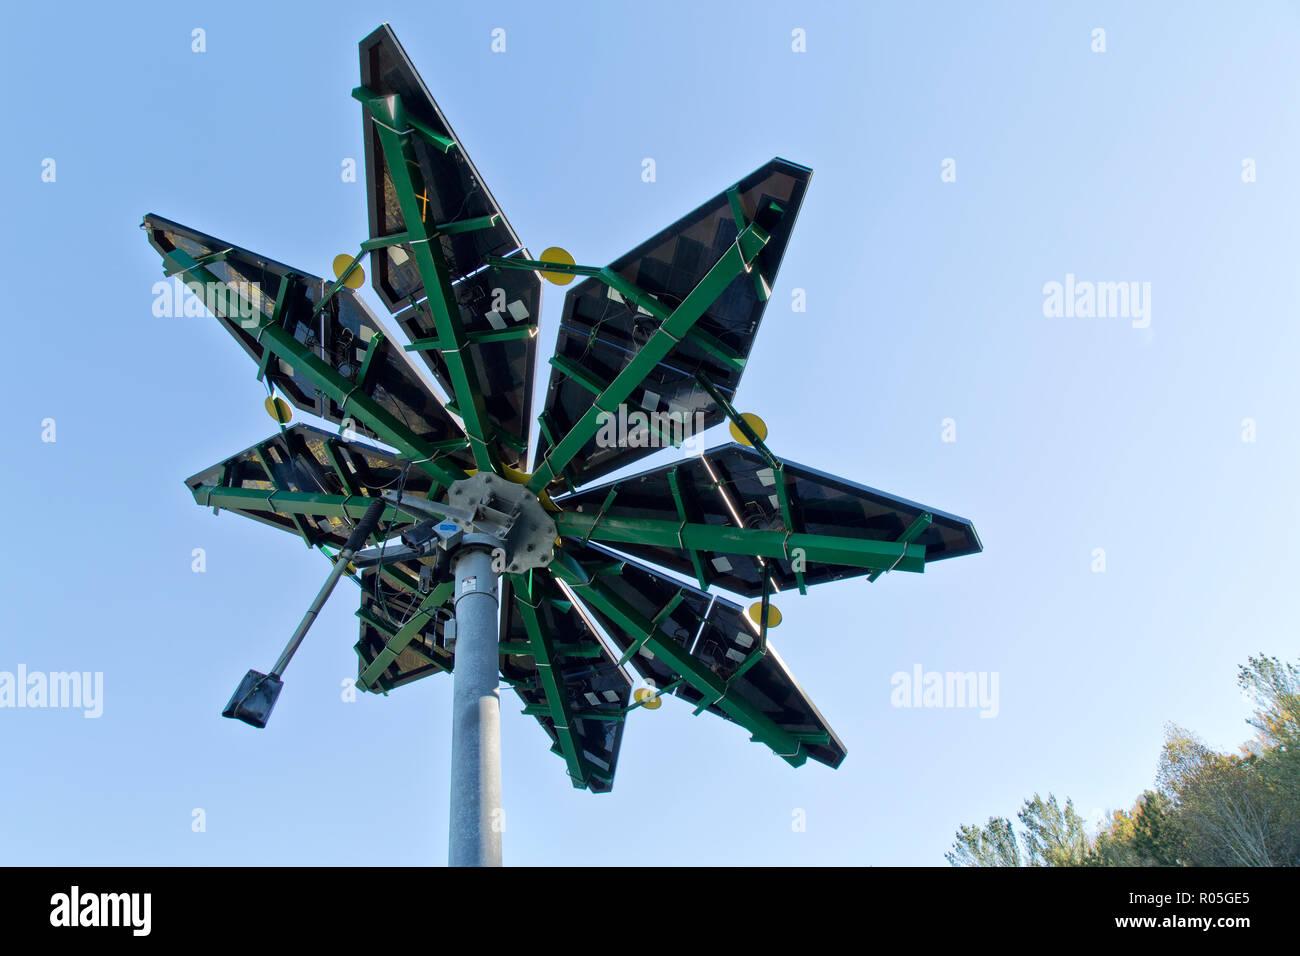 """Solar Array, identificato come 'Solar Flair Fotovoltaico"""" misura 17 m. di diametro, del peso di circa 1200 libbre, veicolo elettrico della stazione di carica. Immagini Stock"""